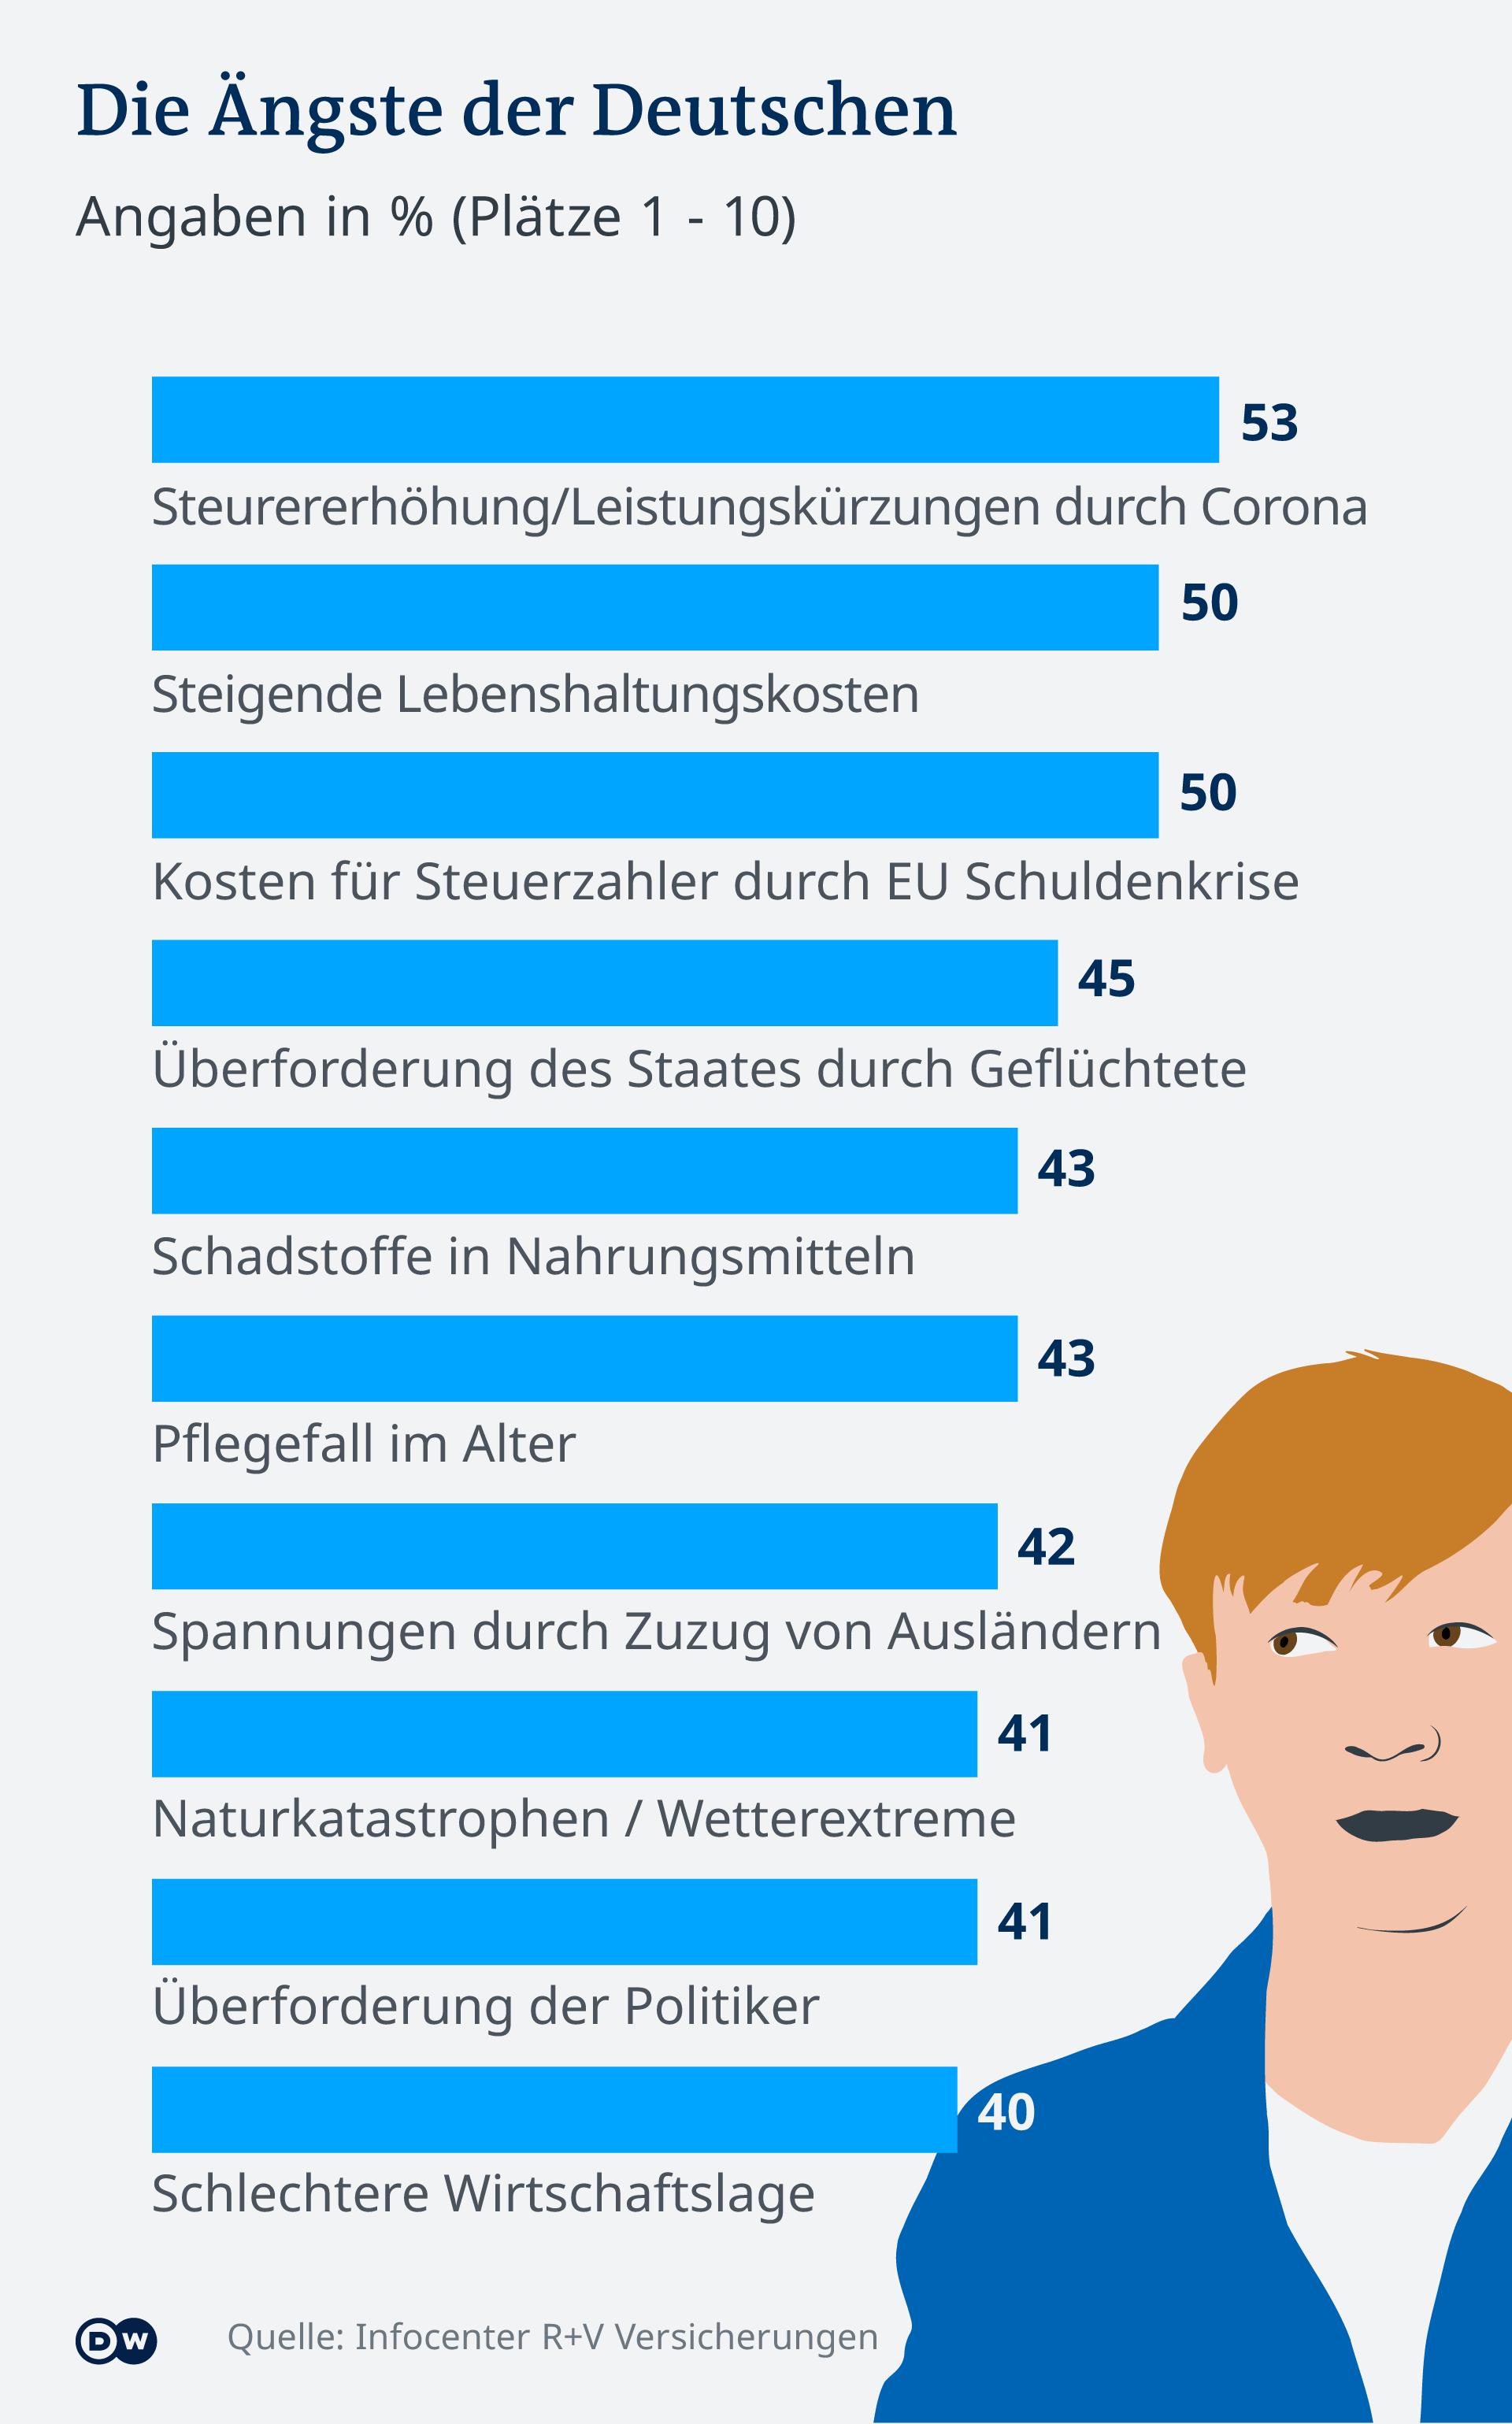 Deset stvari od kojih najviše strahuju Nijemci 2021. godine